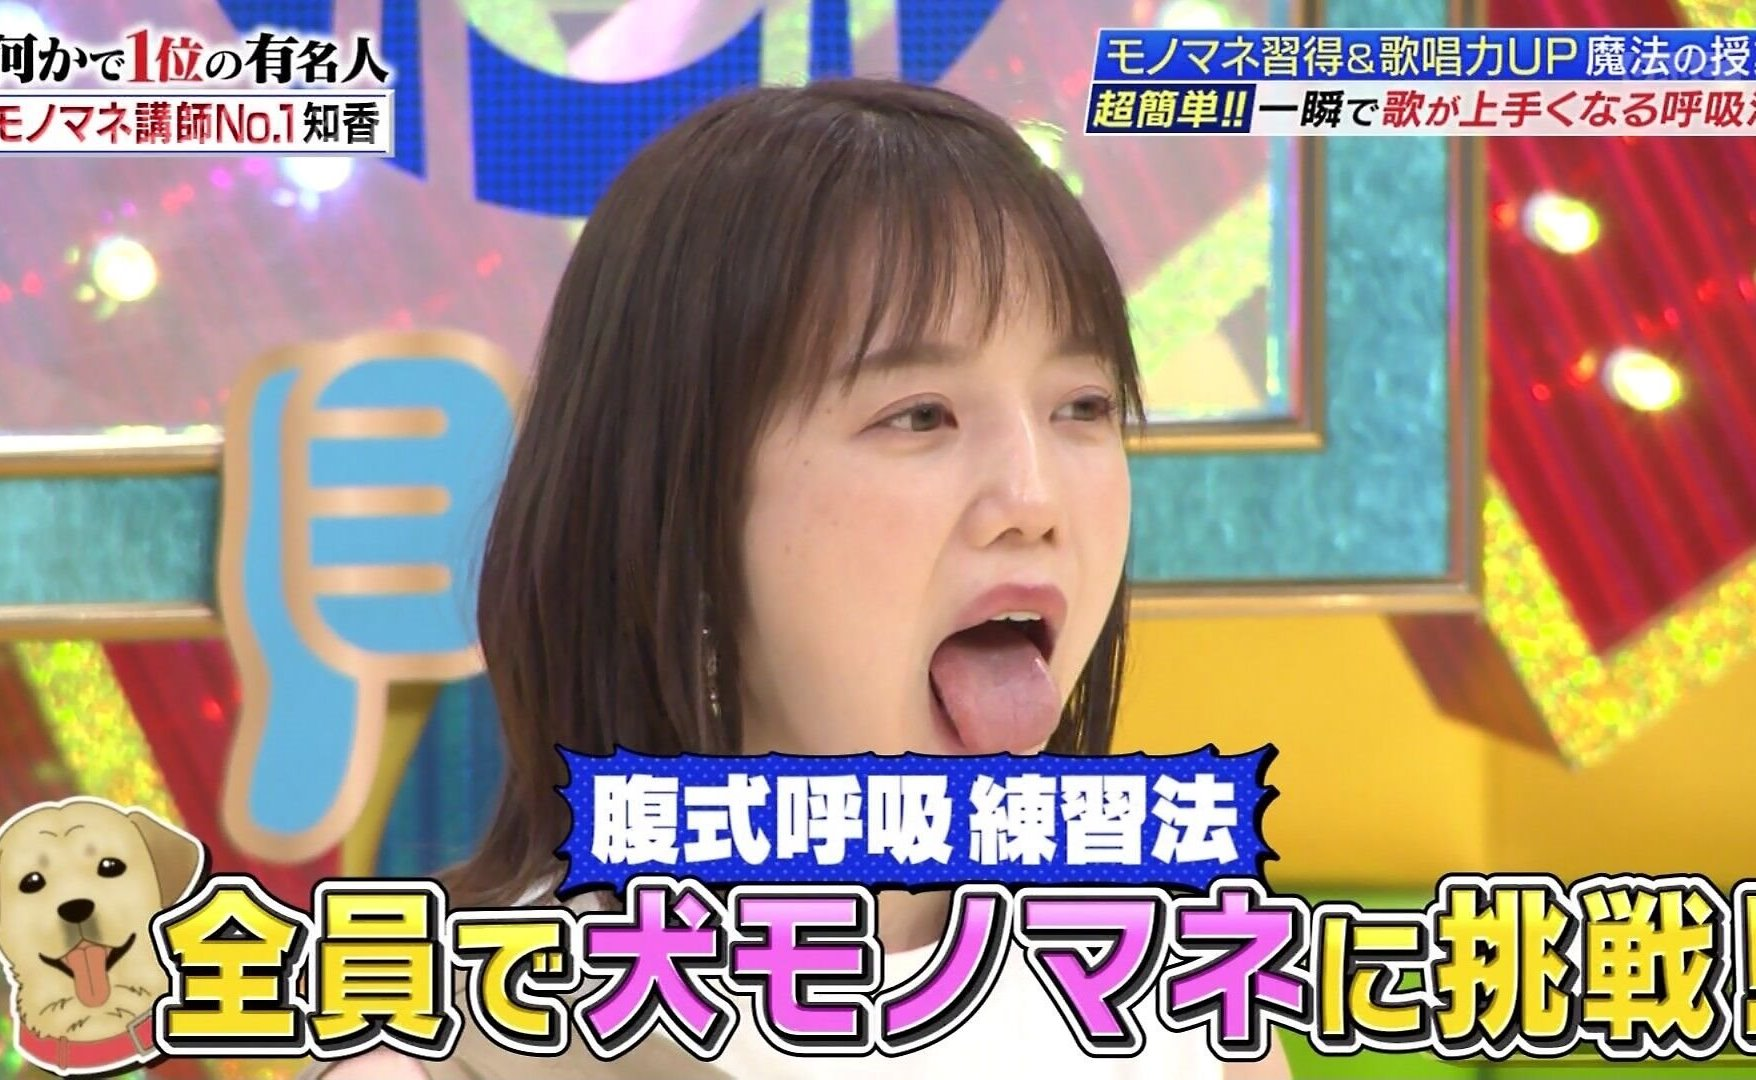 弘中綾香の変顔&舌出し (6)